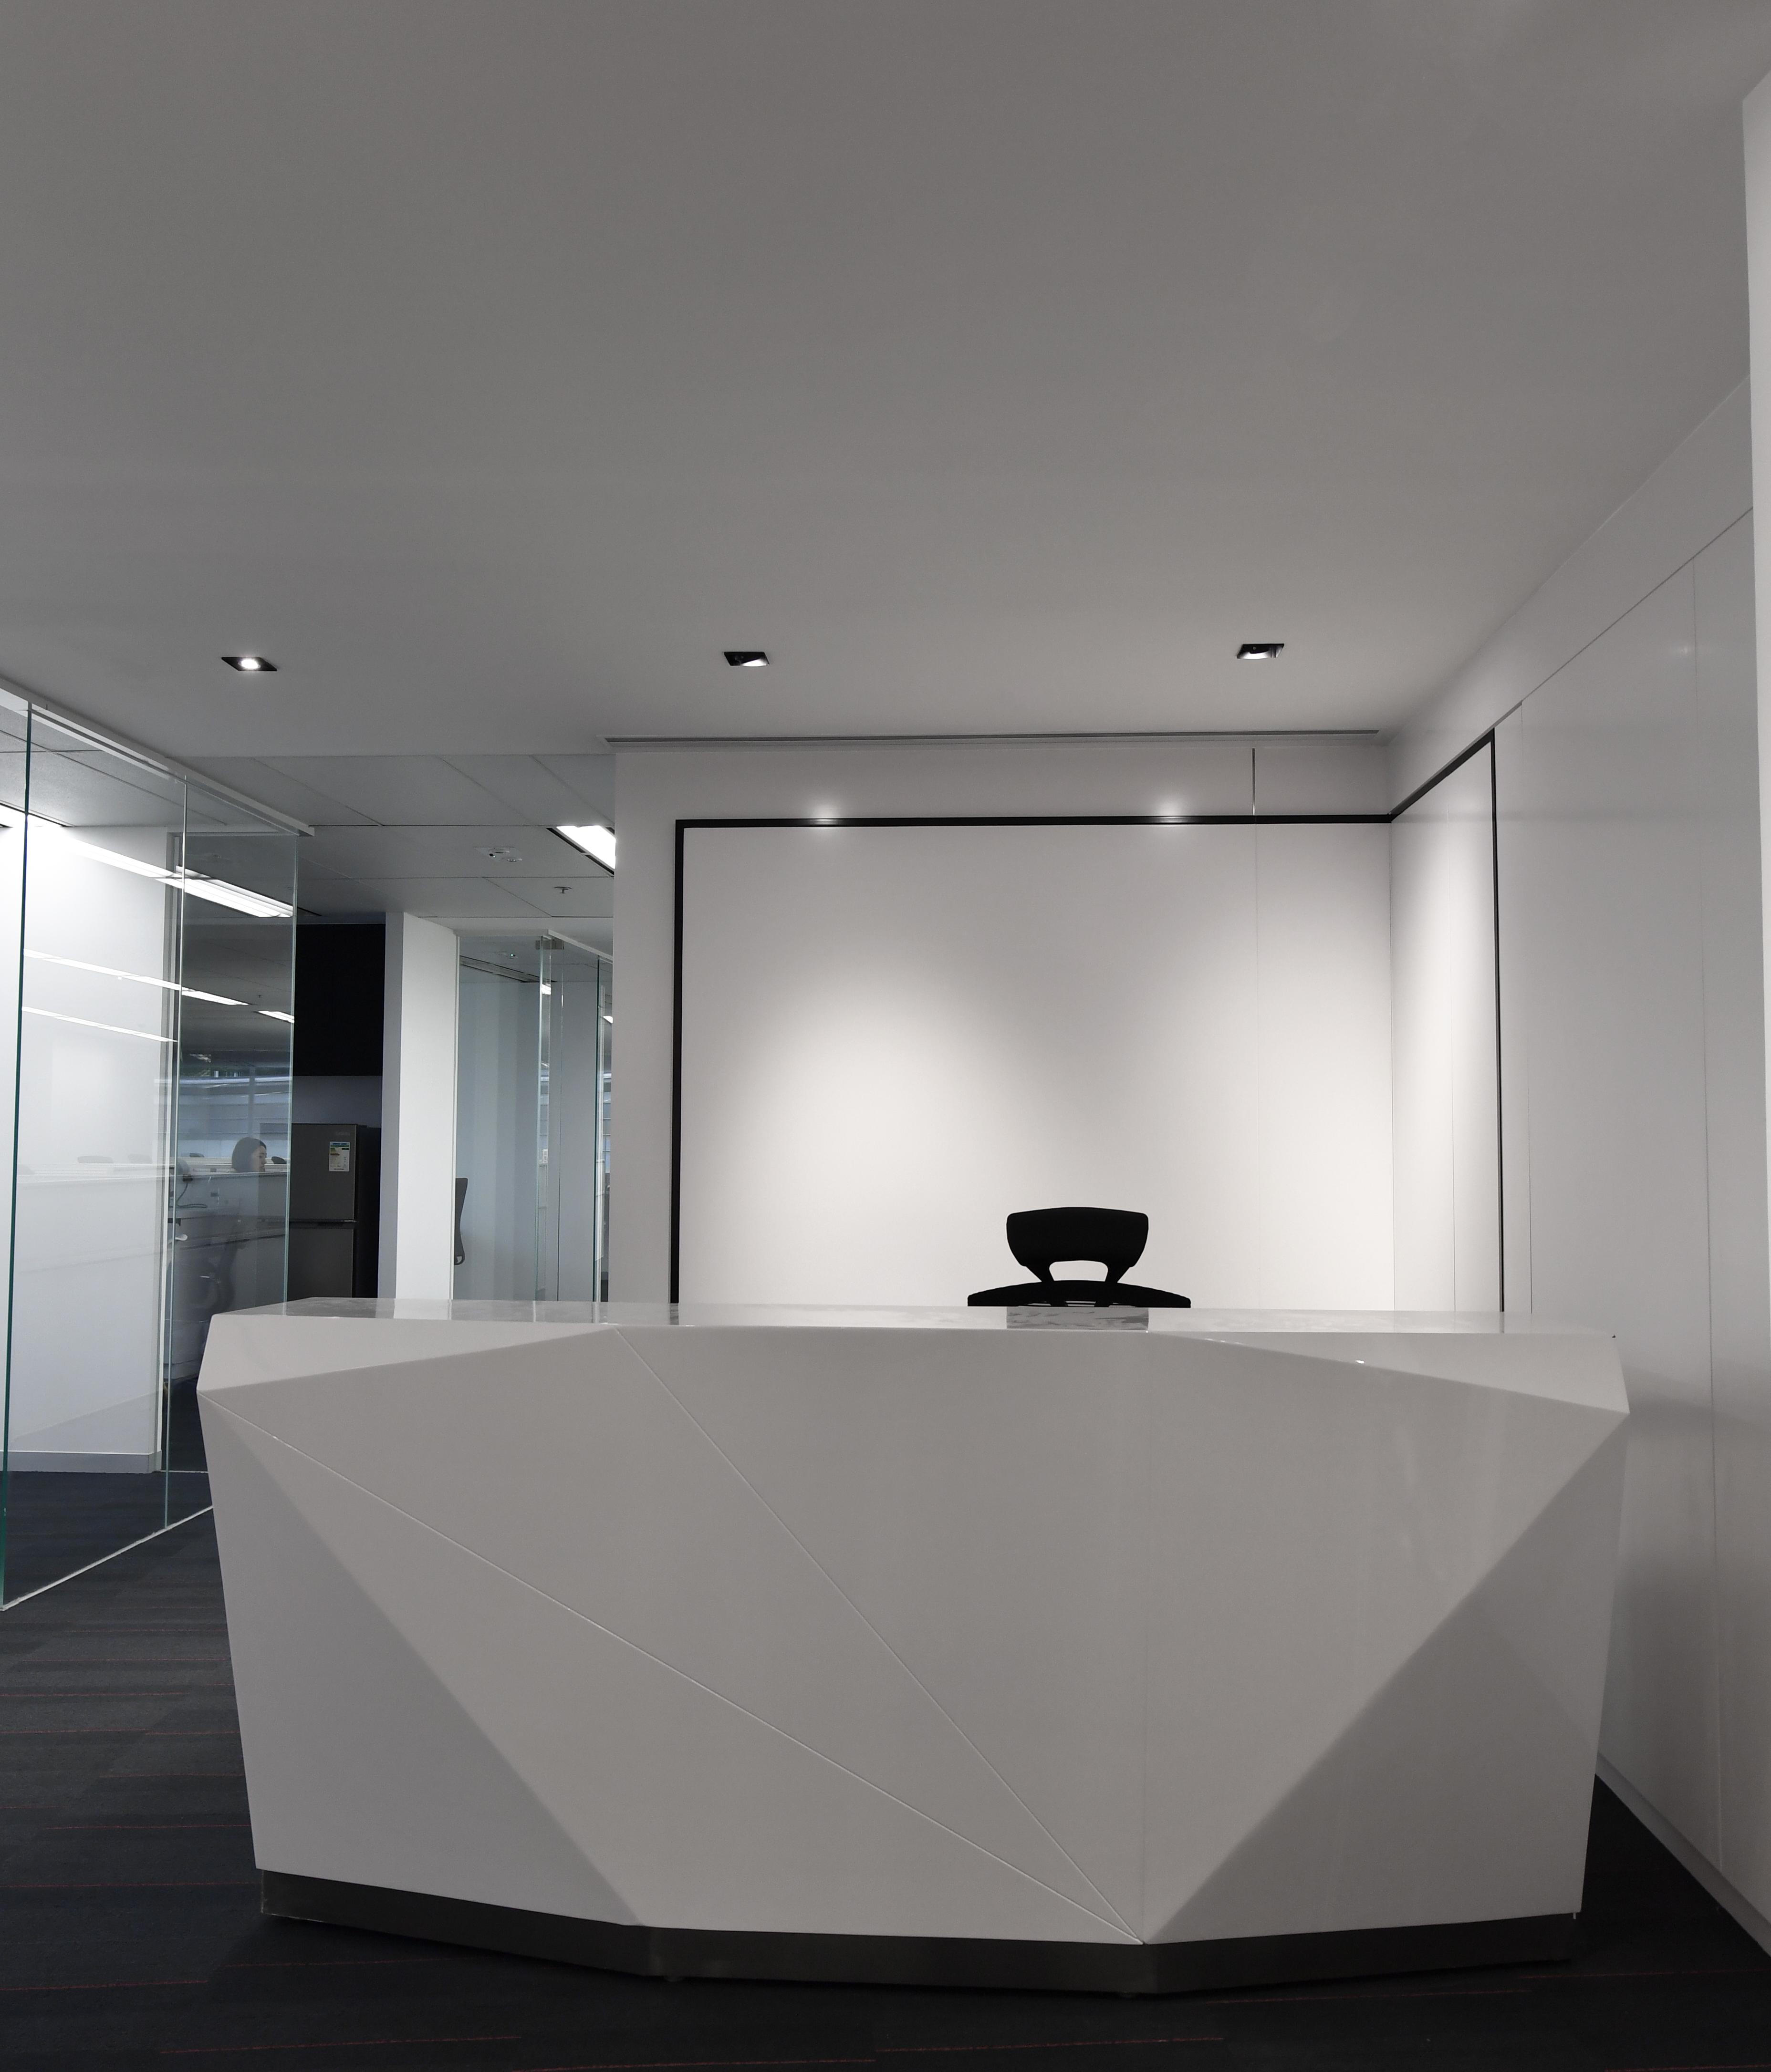 辦公室設計 Office Design 中國寶豐(國際)有限公司 (3)